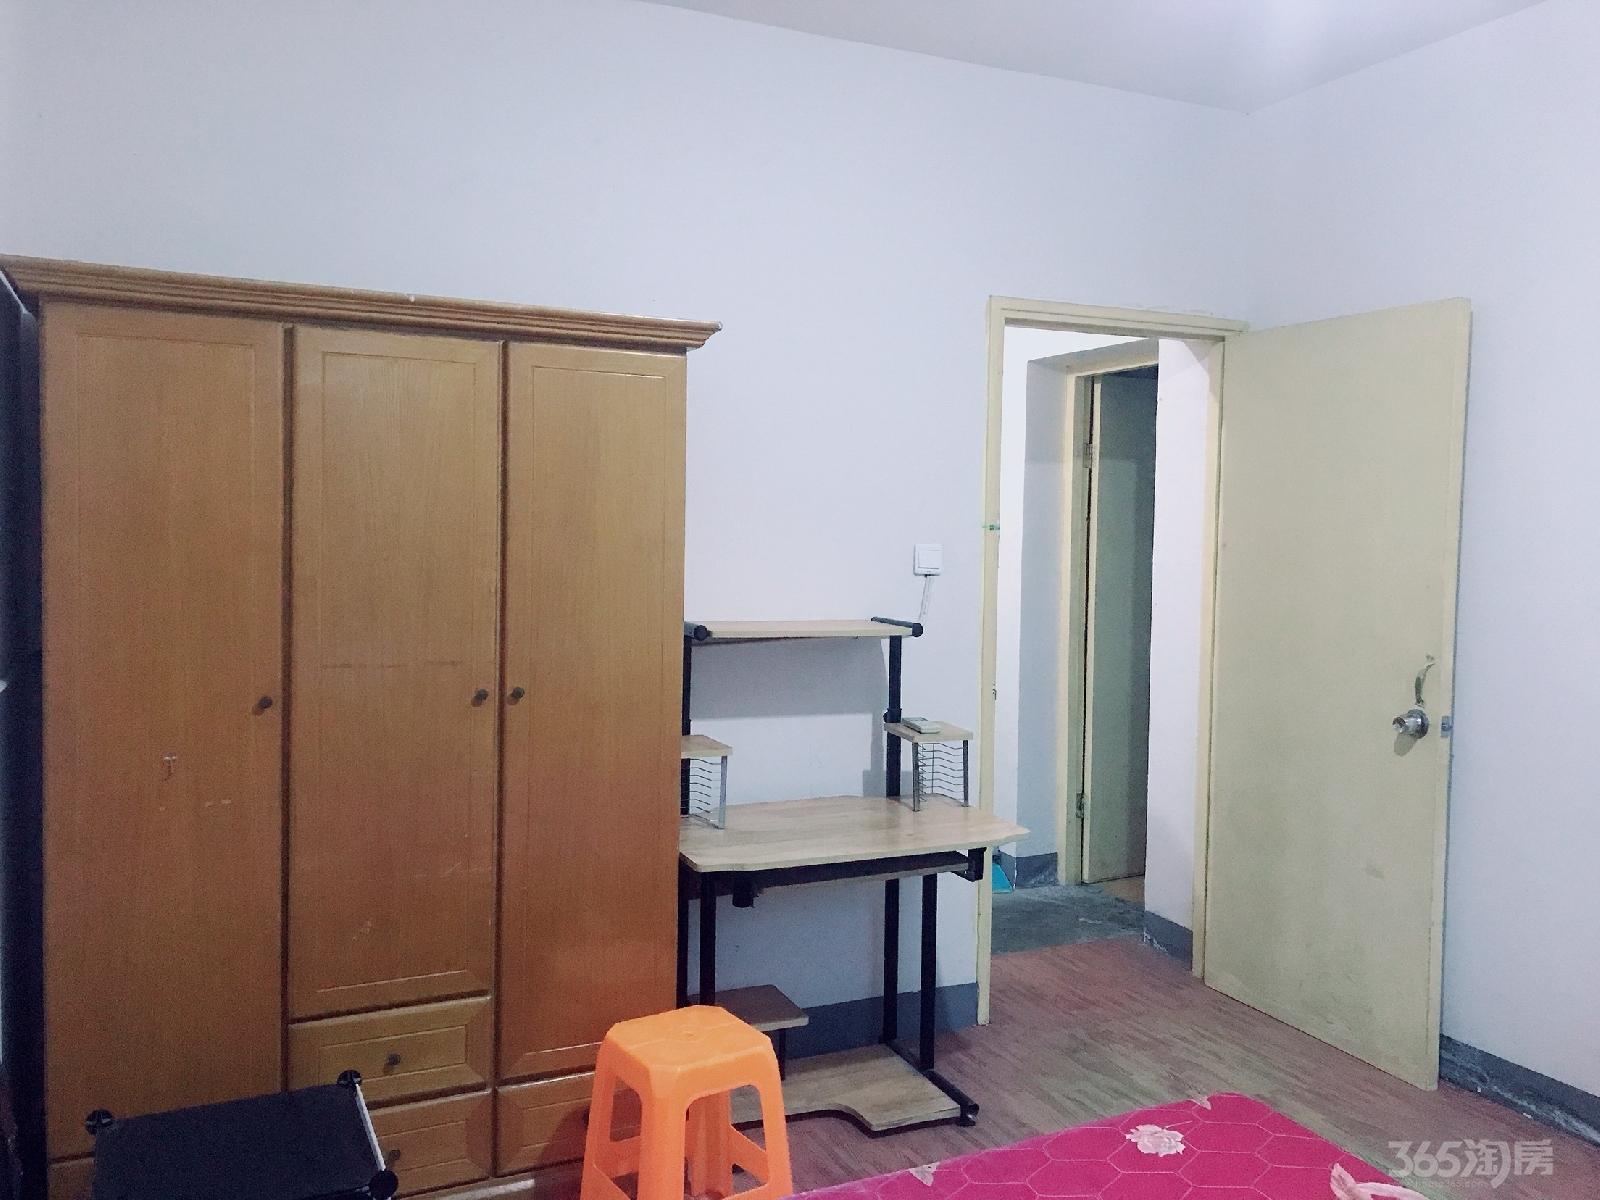 新顾村大家园D区3室1厅1卫20平米合租中装